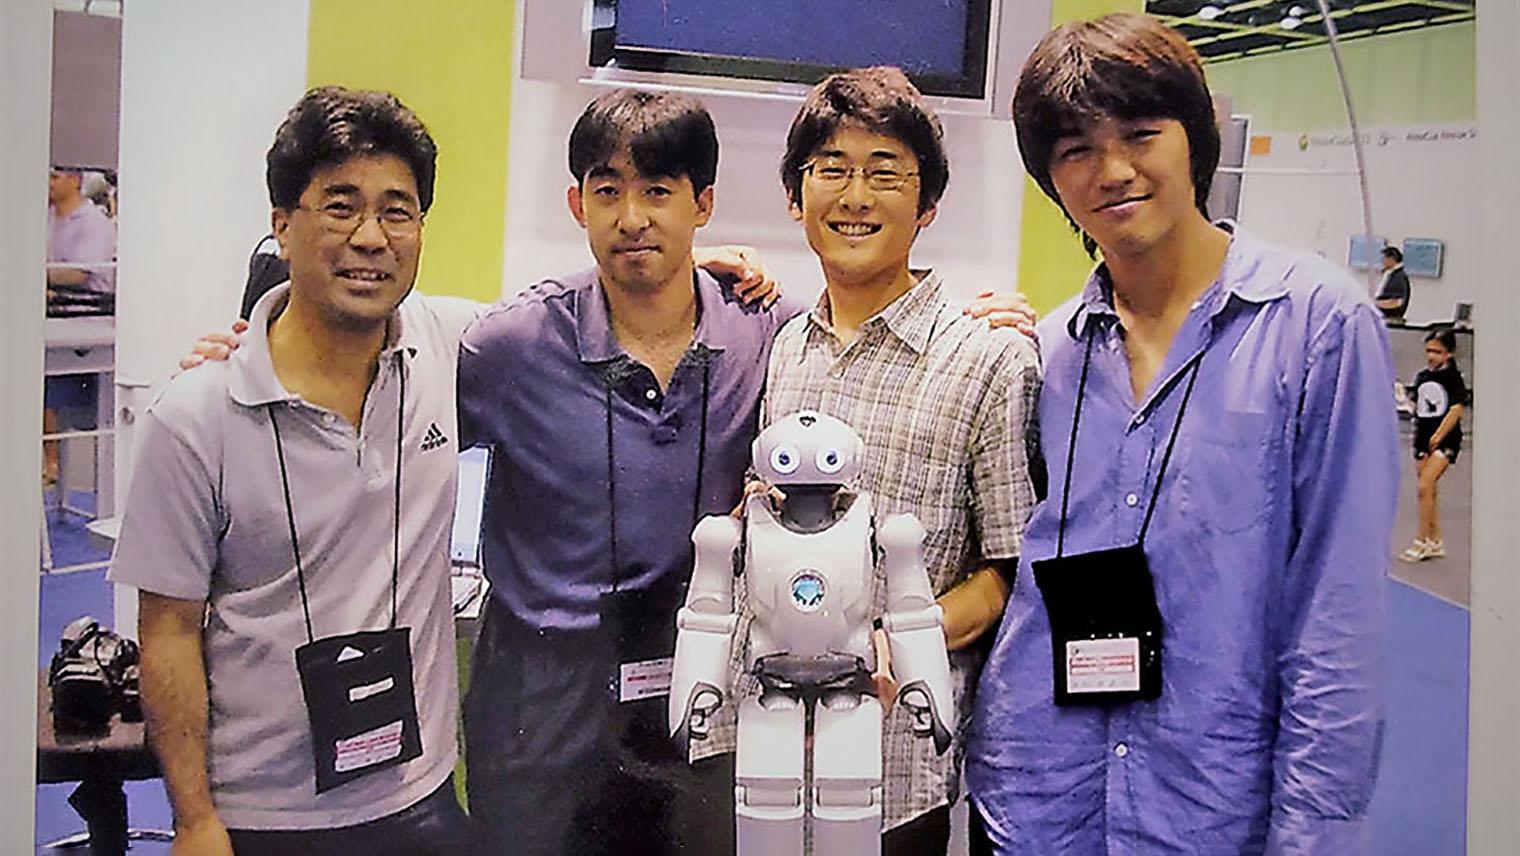 佐部さんとQRIO開発チームのメンバーの写真